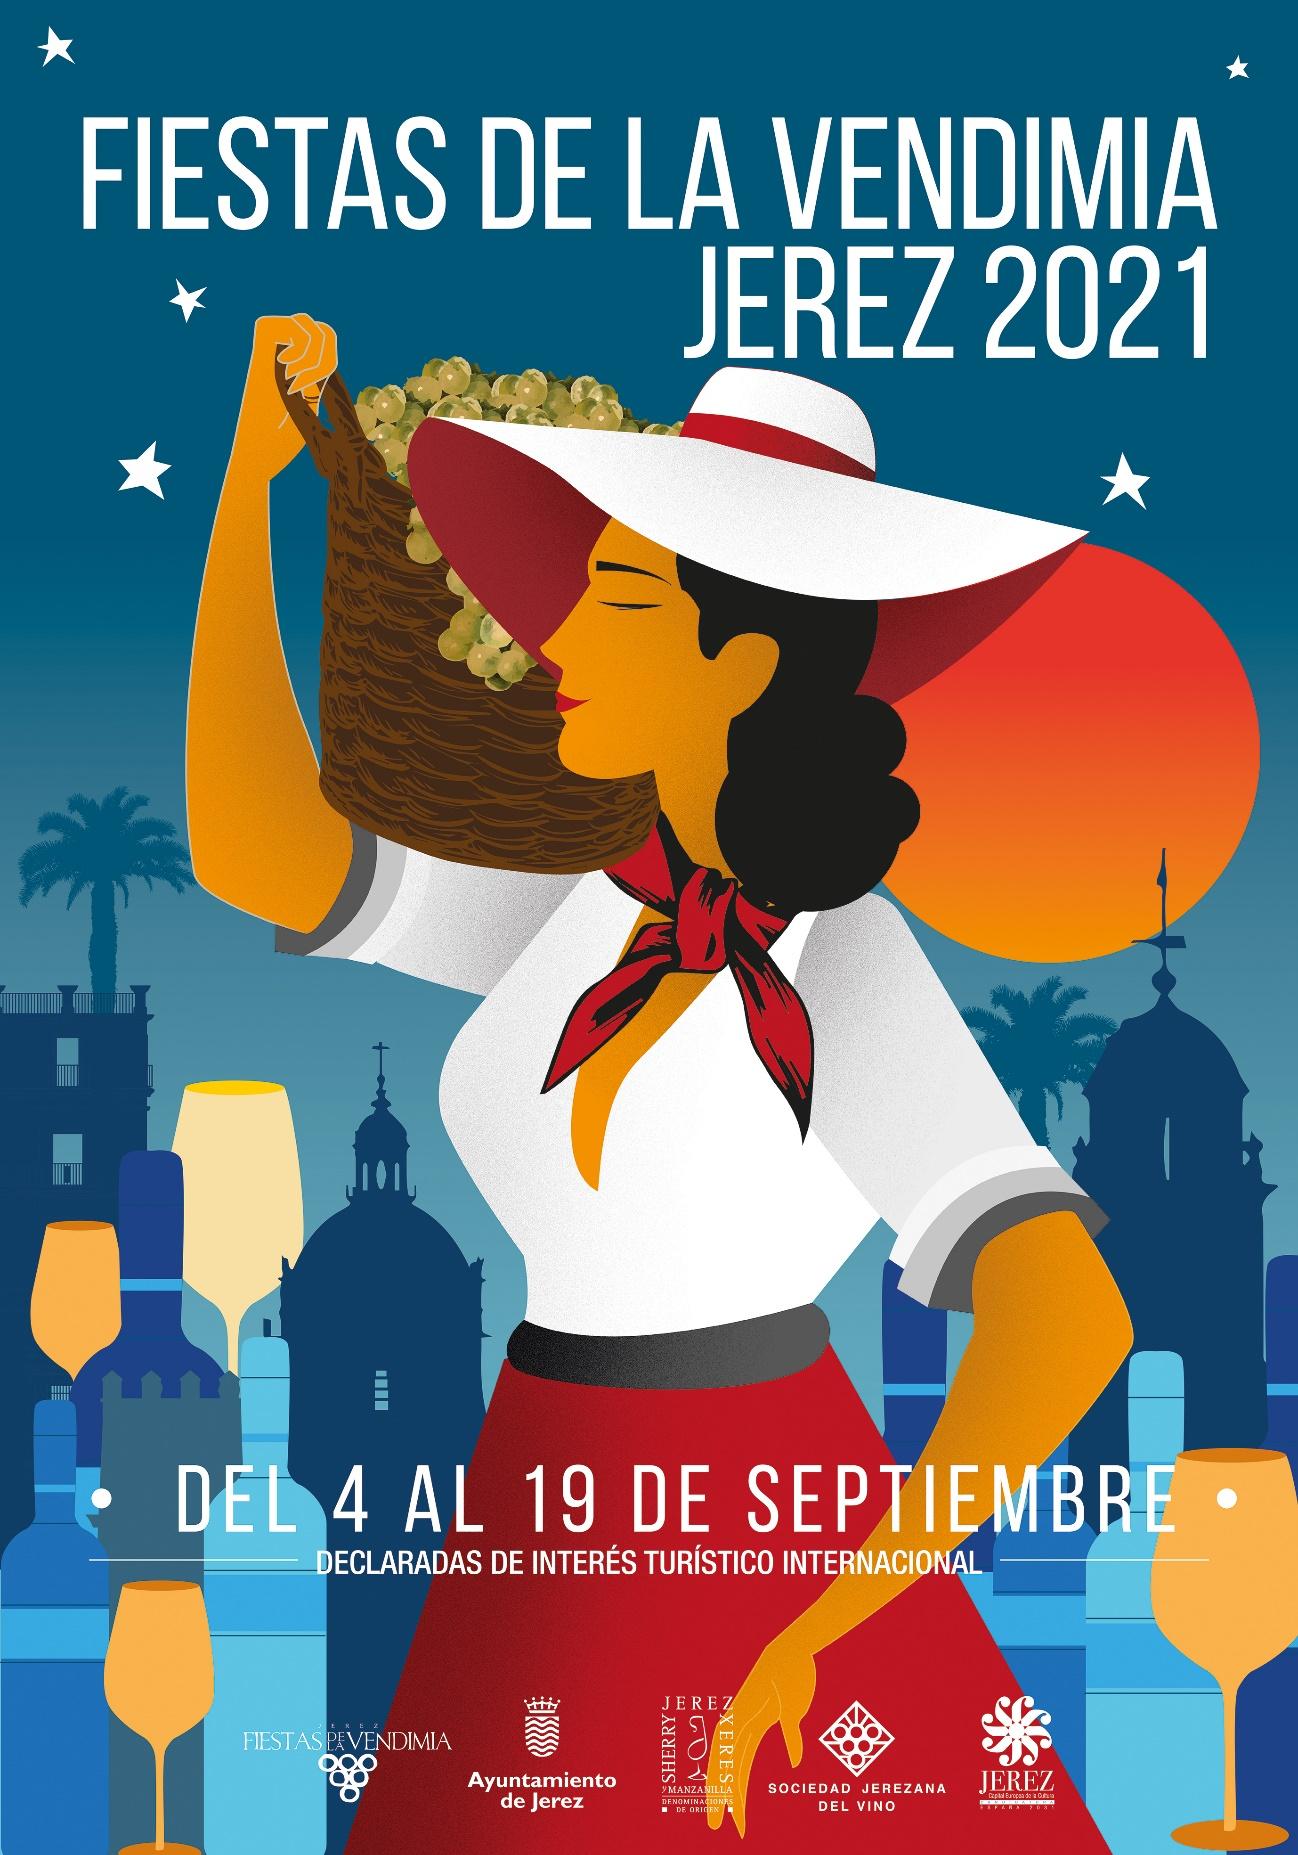 Fiestas de la Vendimia de Jerez 2021